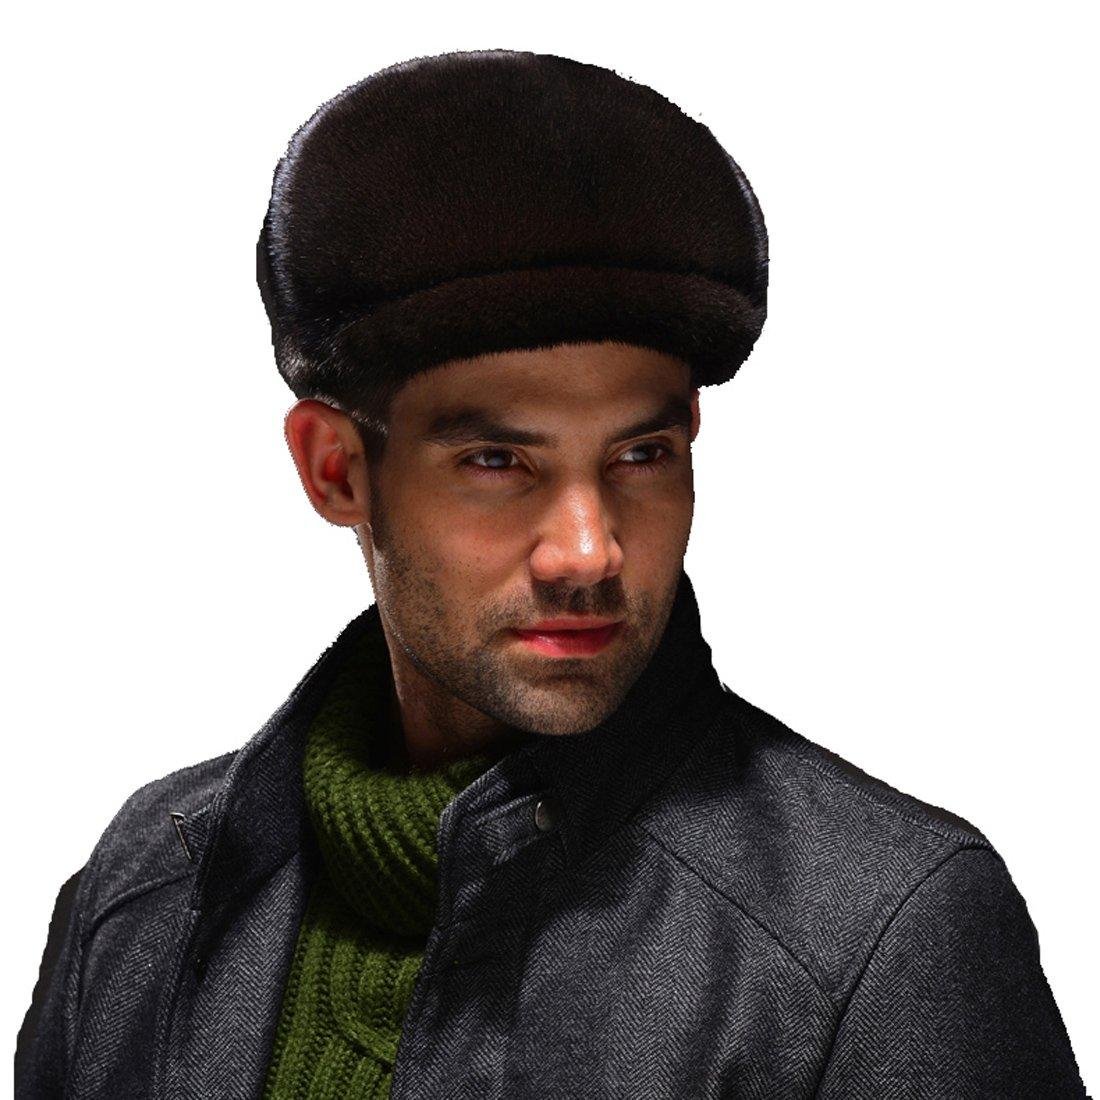 URSFUR Men's Mink Full Fur Cabbie Cap (Black)